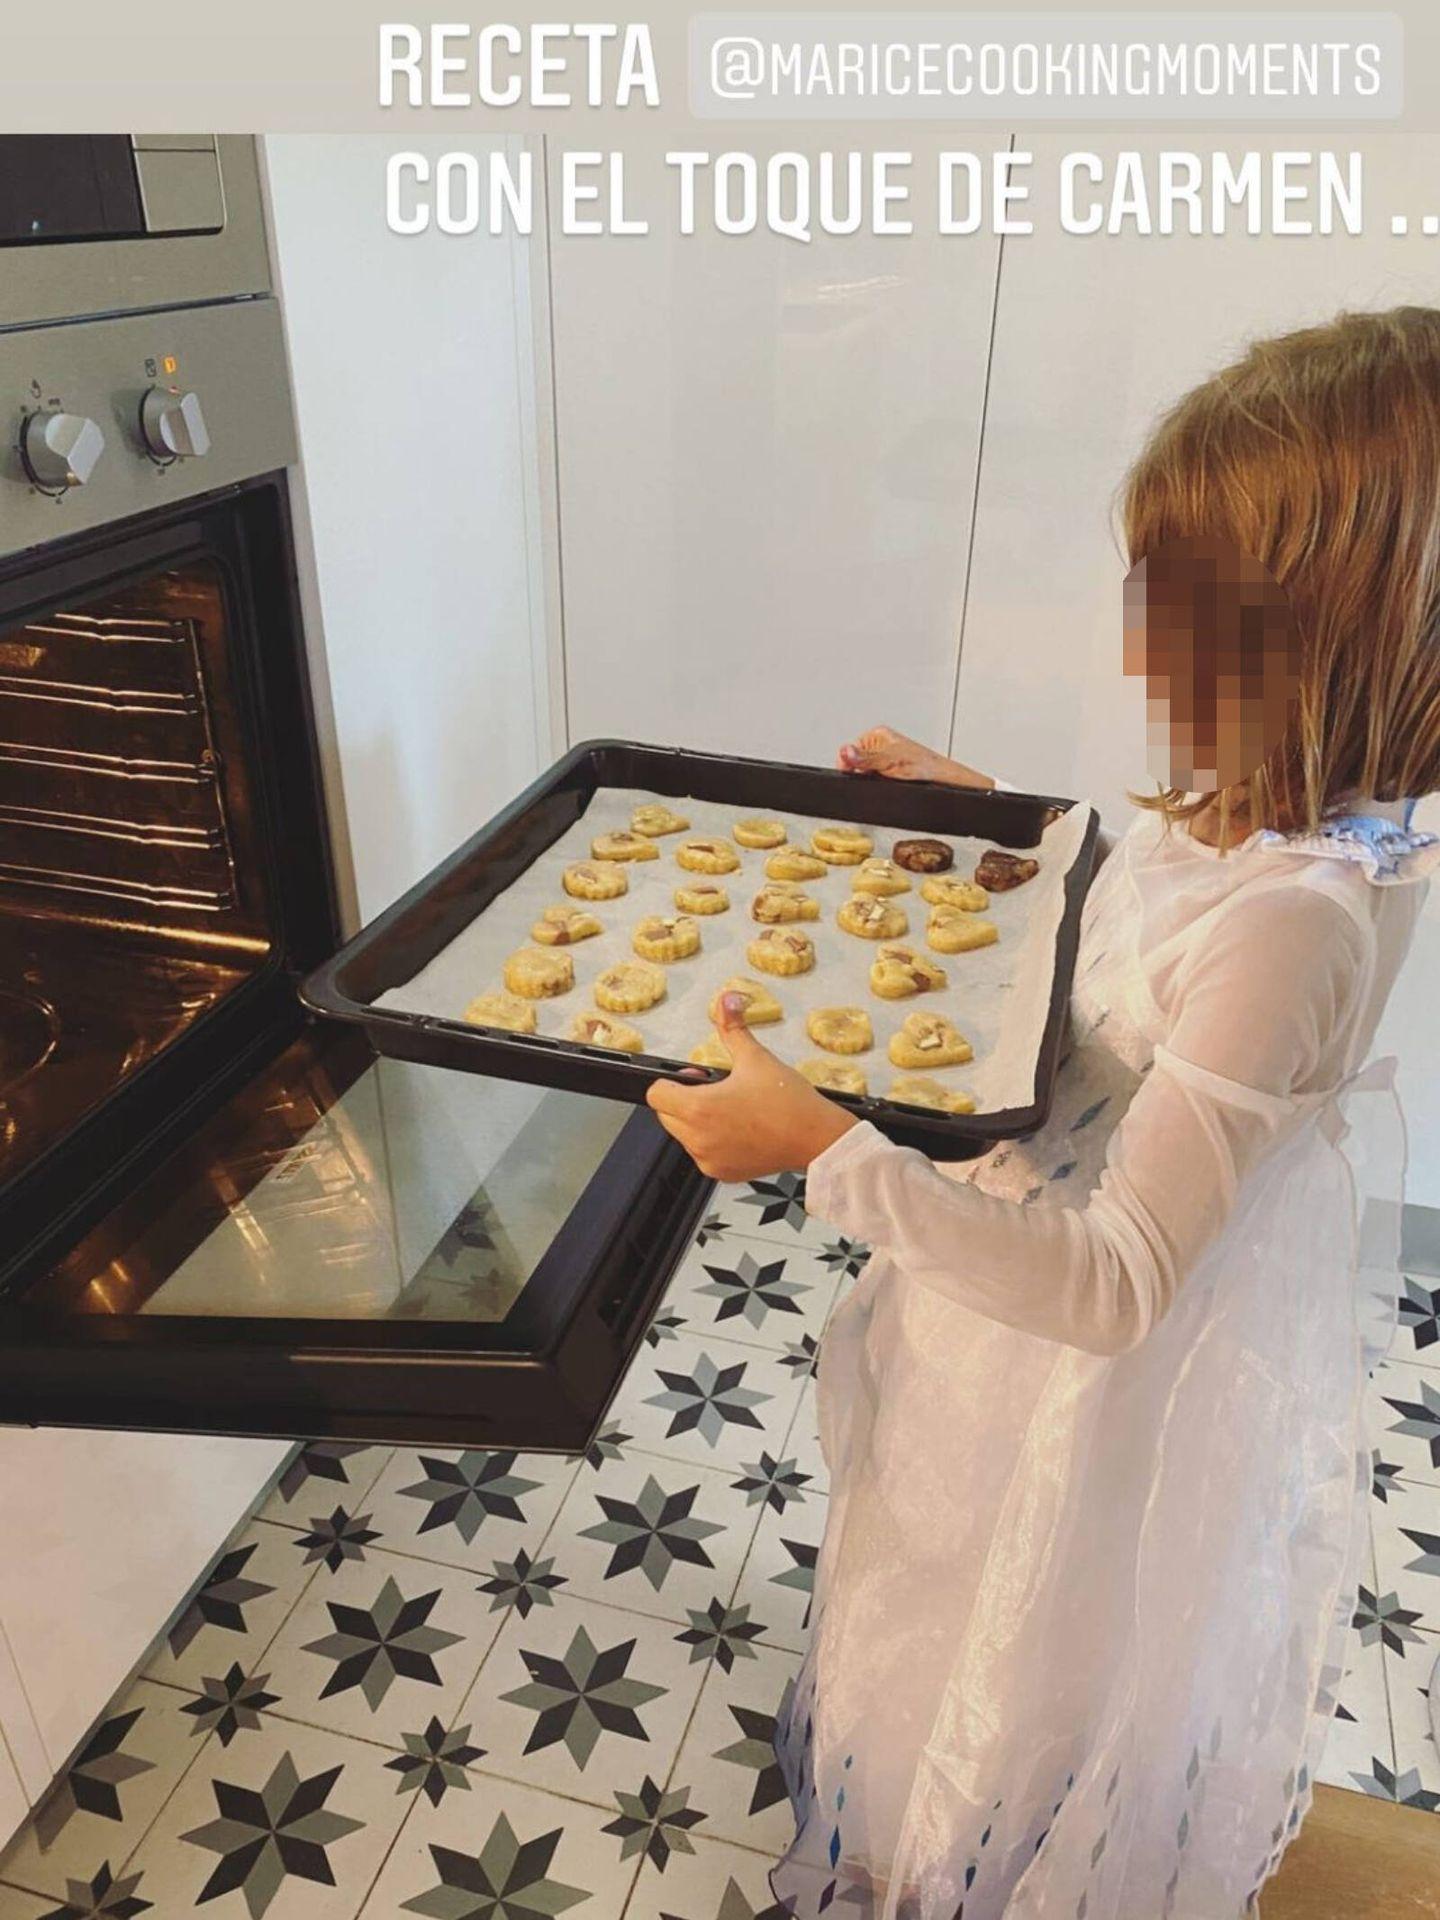 Carmen, metiendo al horno las galletas que ha hecho con su madre, Lourdes Montes. (Instagram @lmontesoficial)